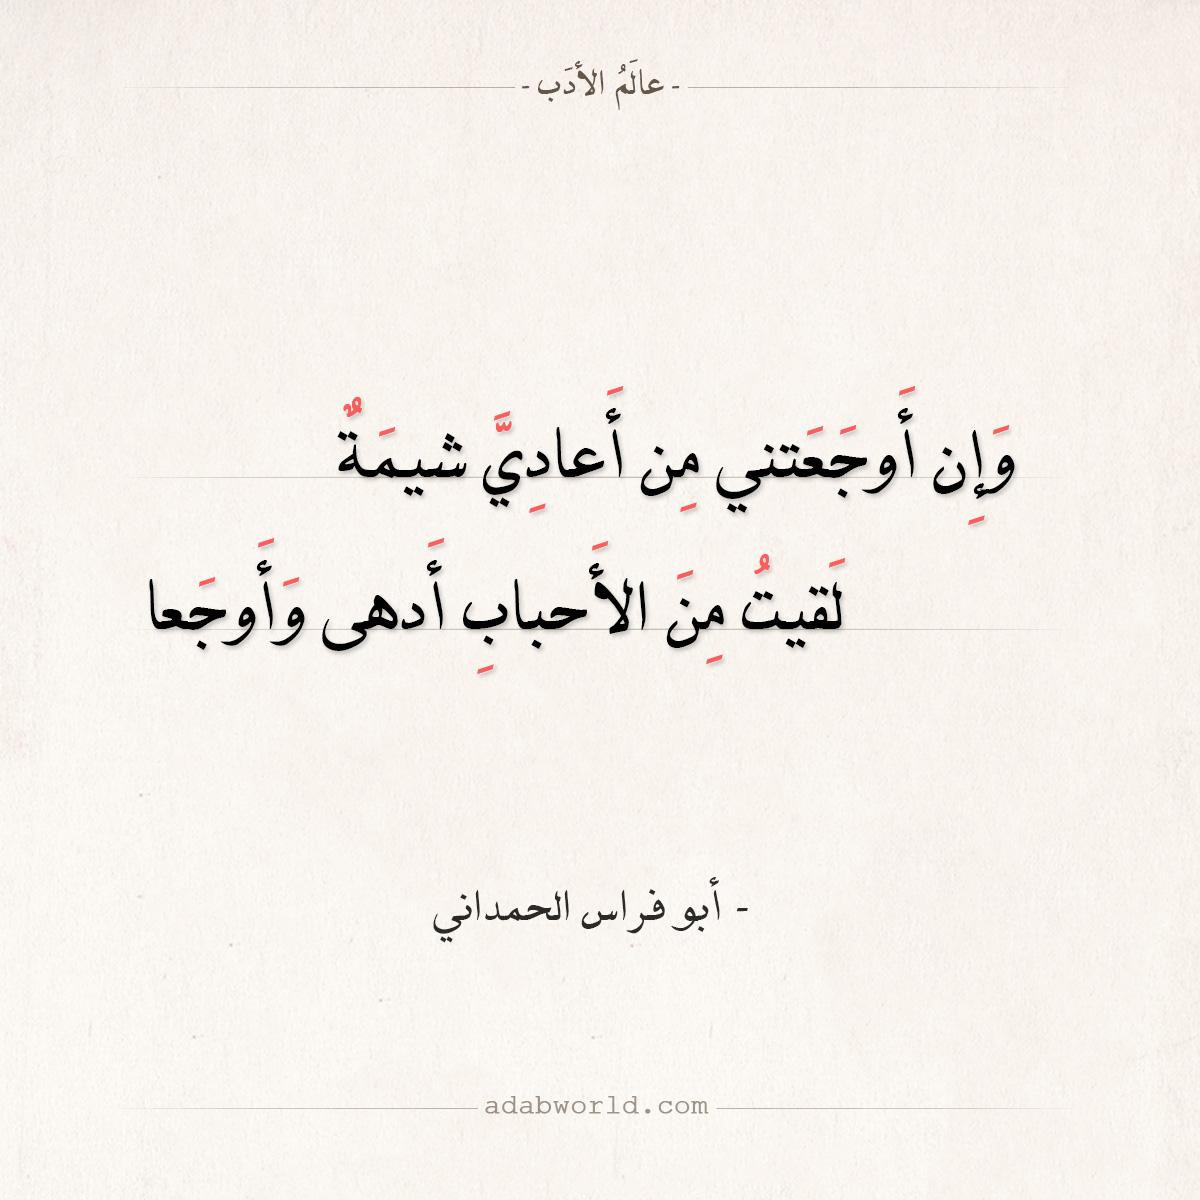 شعر أبو فراس الحمداني - وإن أوجعتني من أعادي شيمة